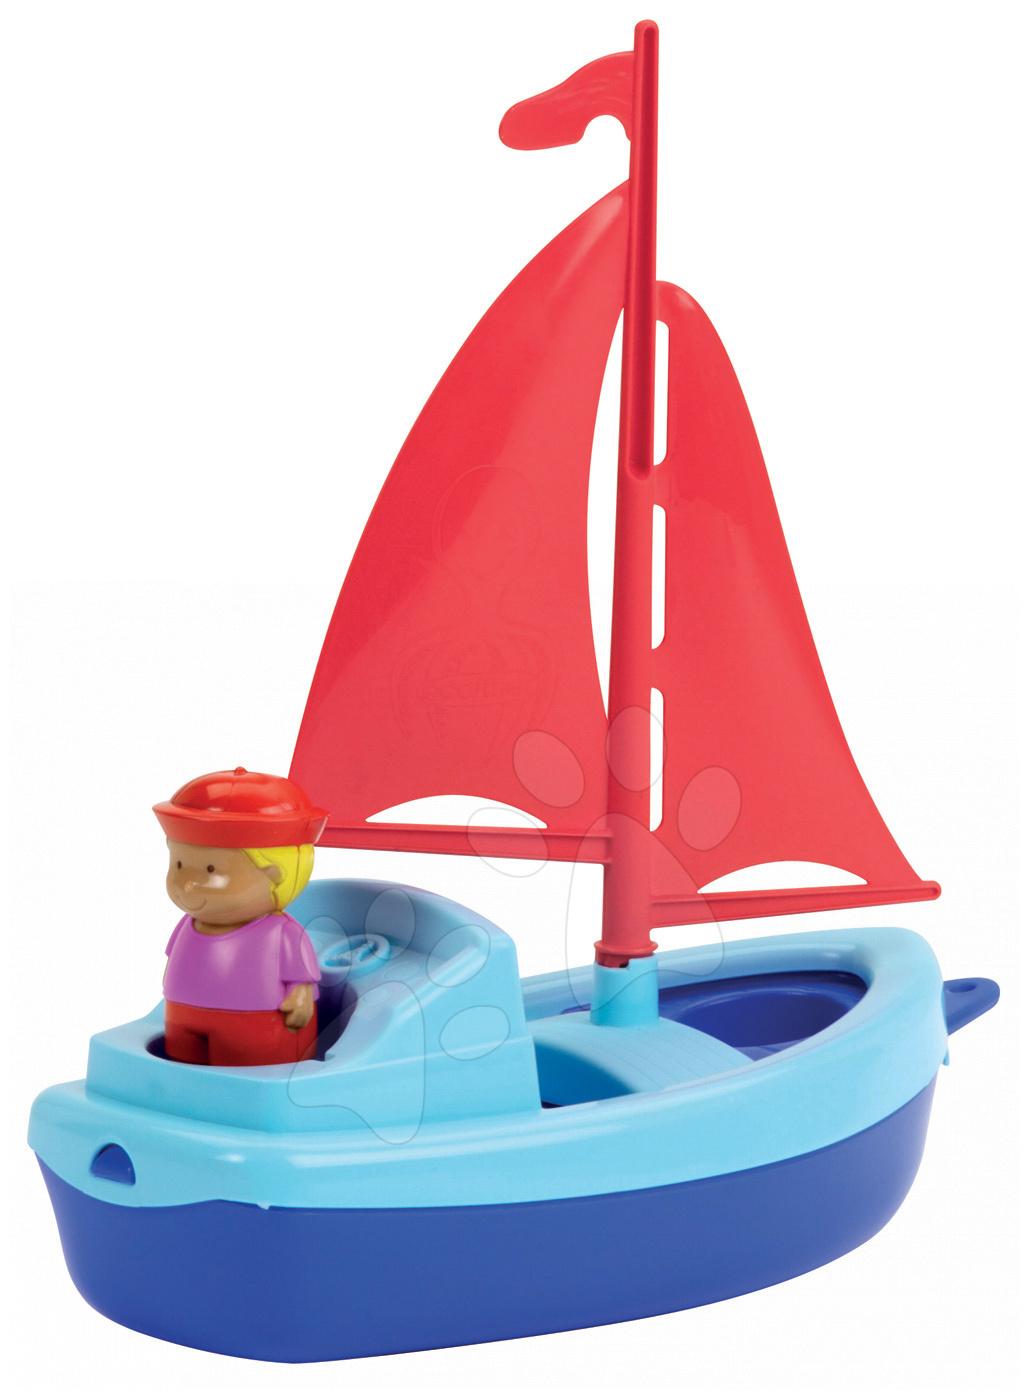 Vitorlás hajó tengerésszel Écoiffier (hossza 24,5 cm) piros-kék 18 hó-tól